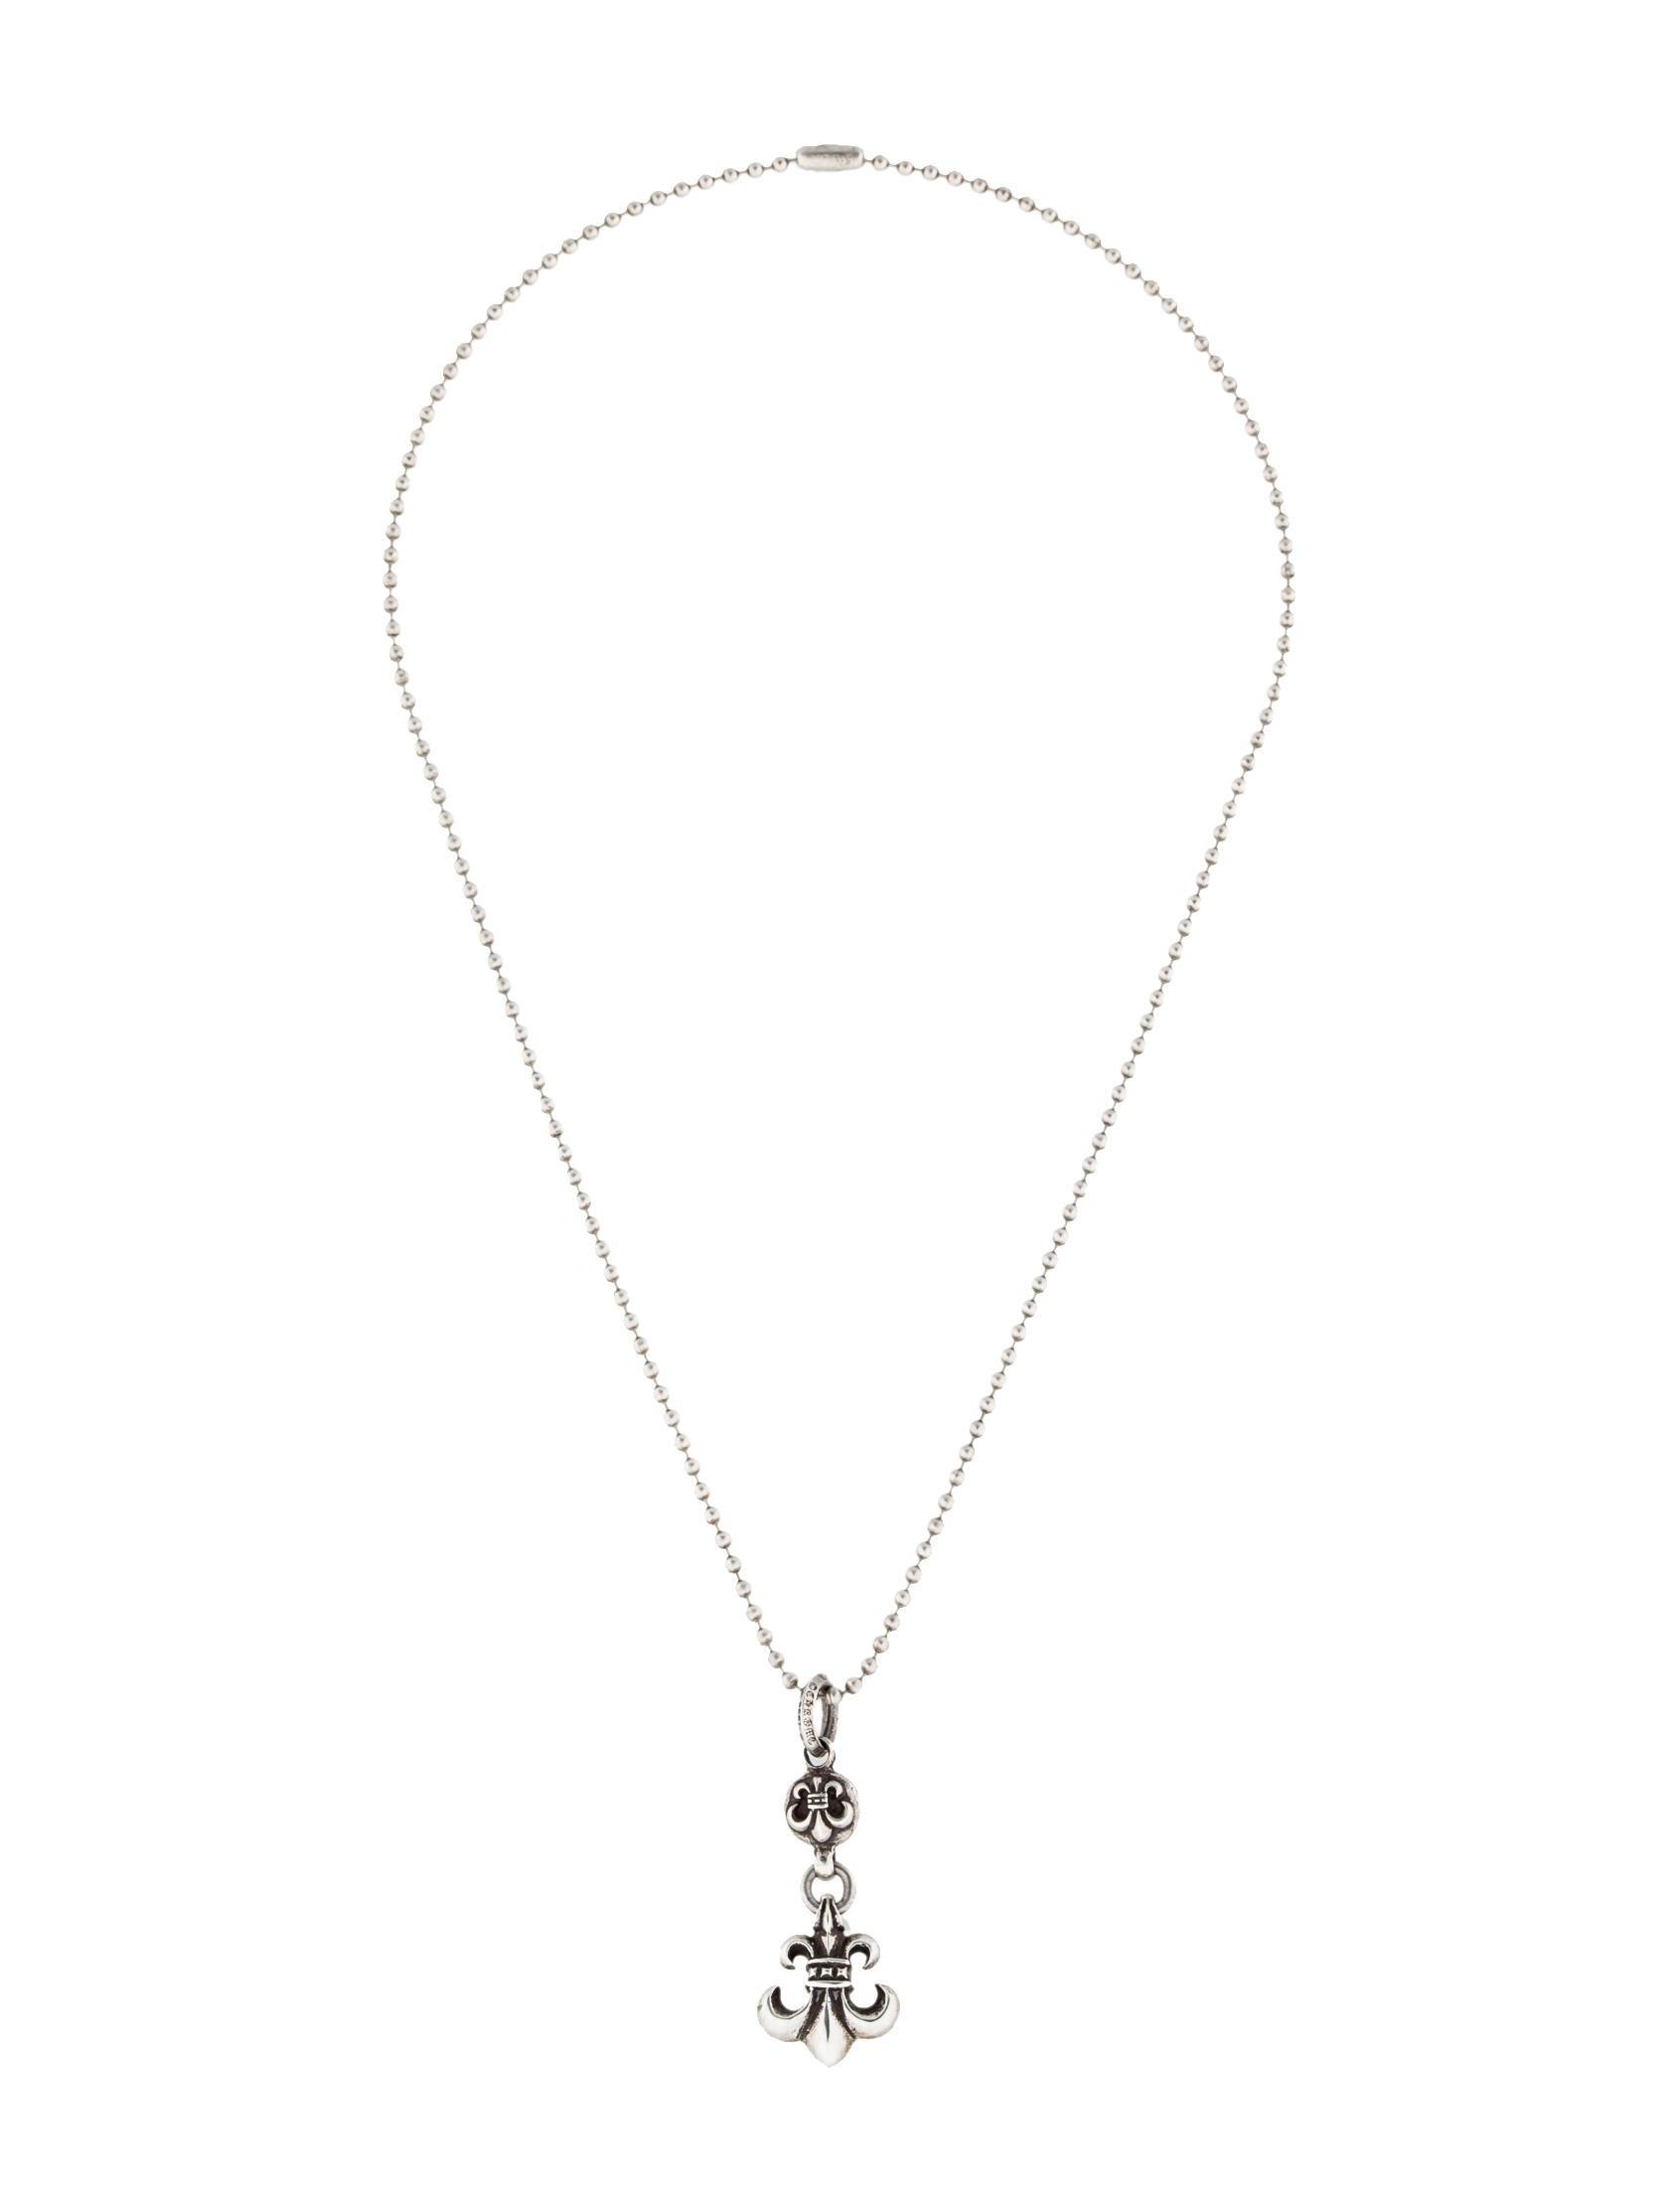 Chrome hearts fleur de lis pendant necklace necklaces chh20513 fleur de lis pendant necklace aloadofball Choice Image